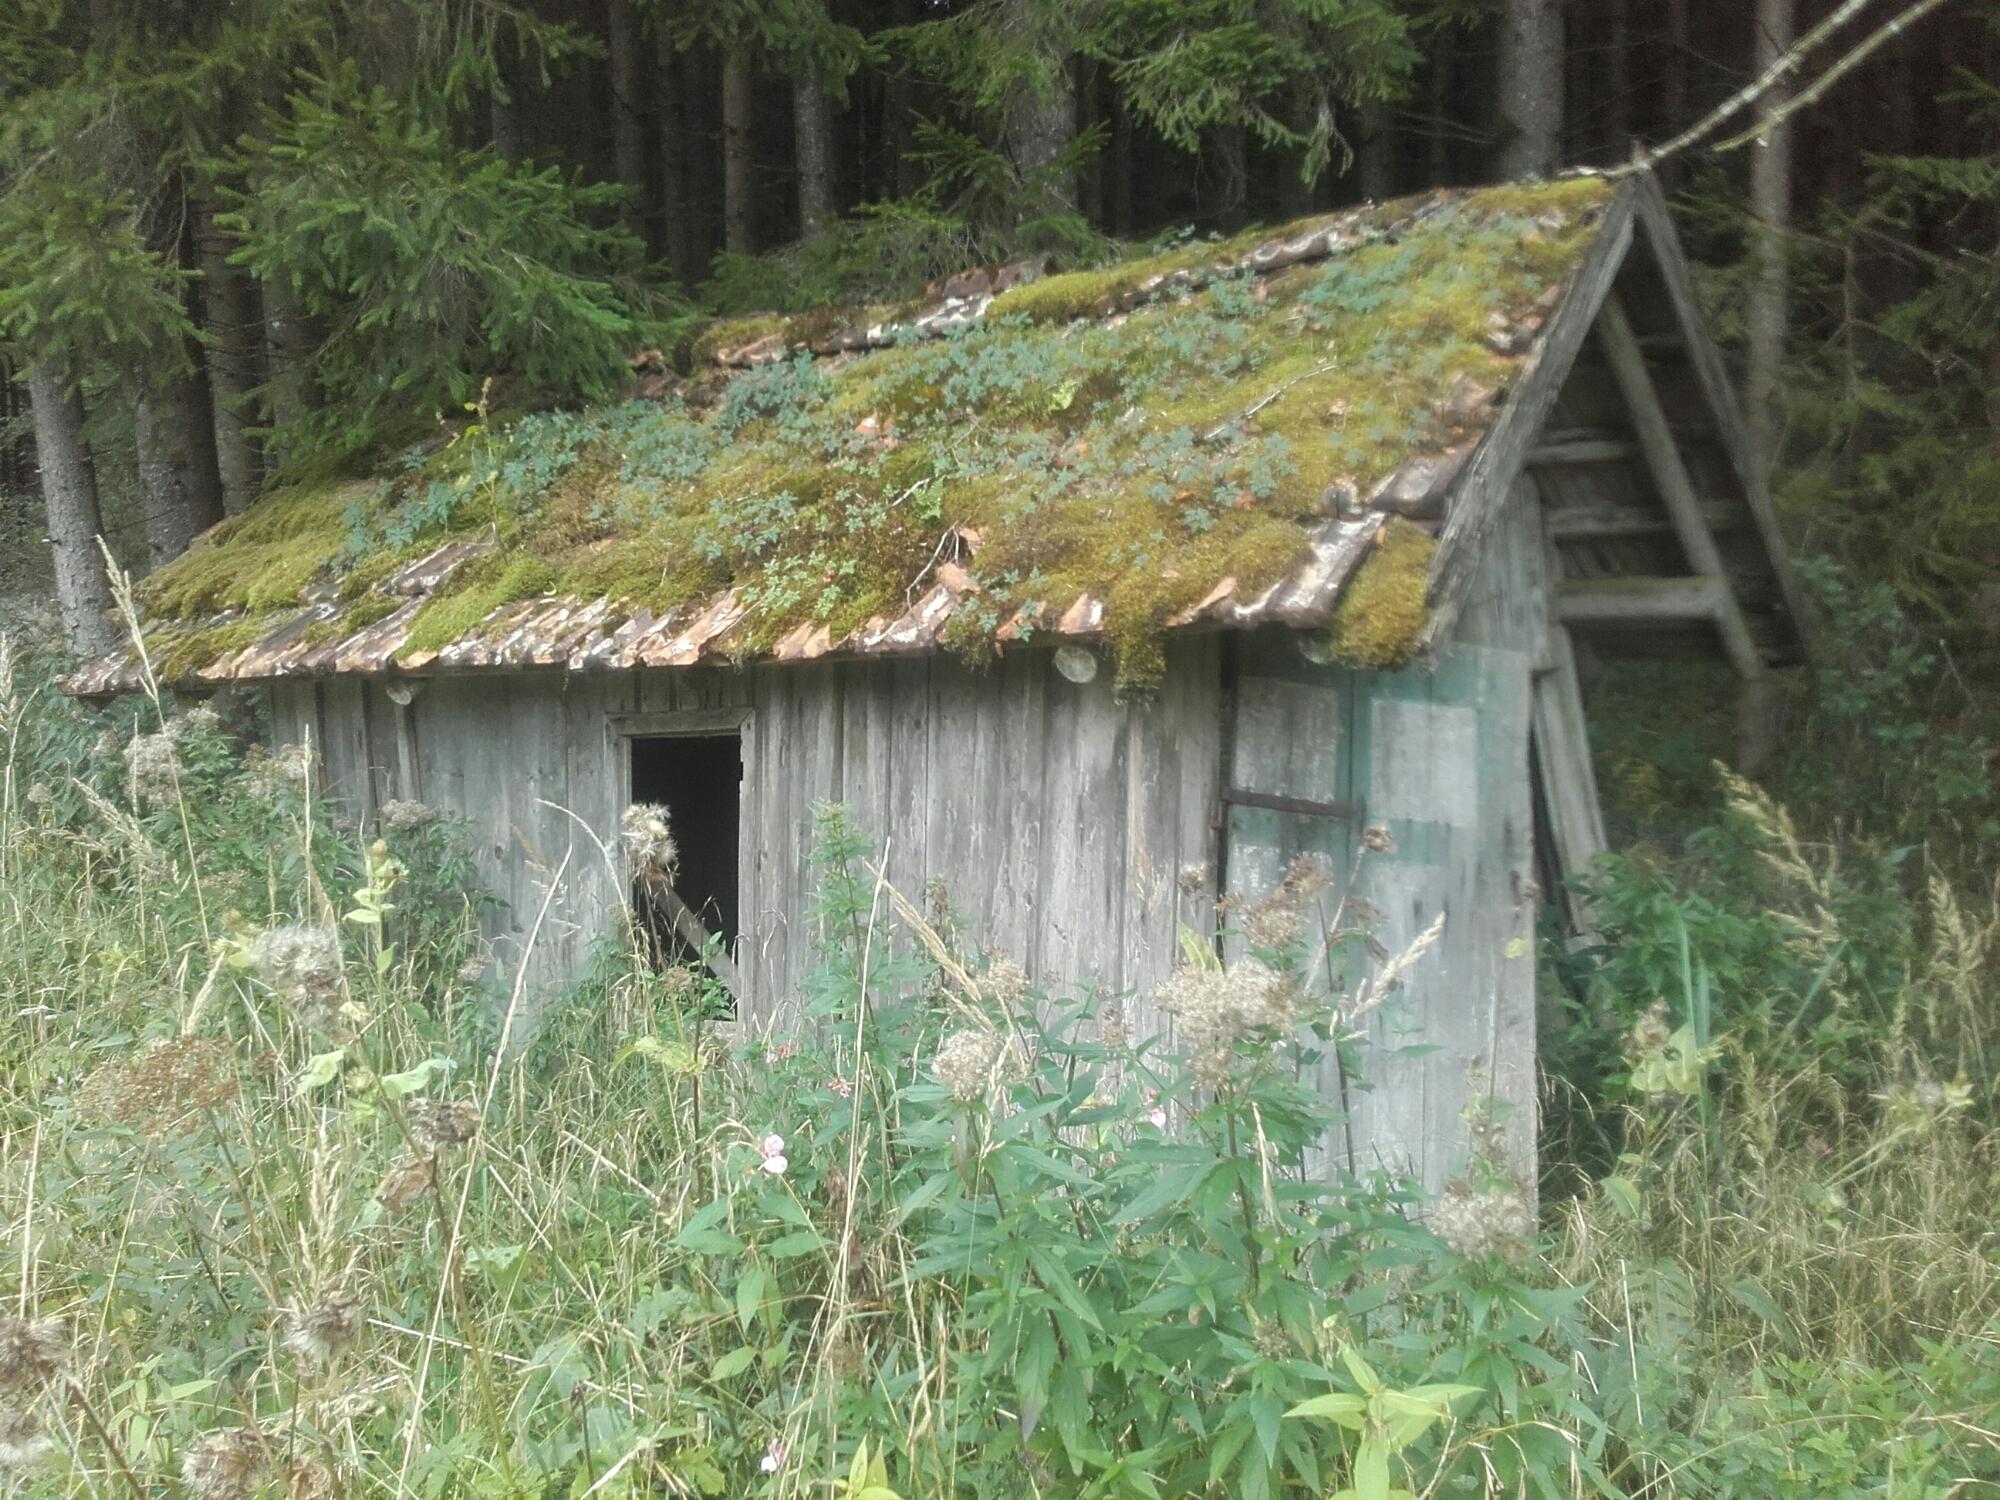 Hütte_Wald_Allgäu_Ostallgäu